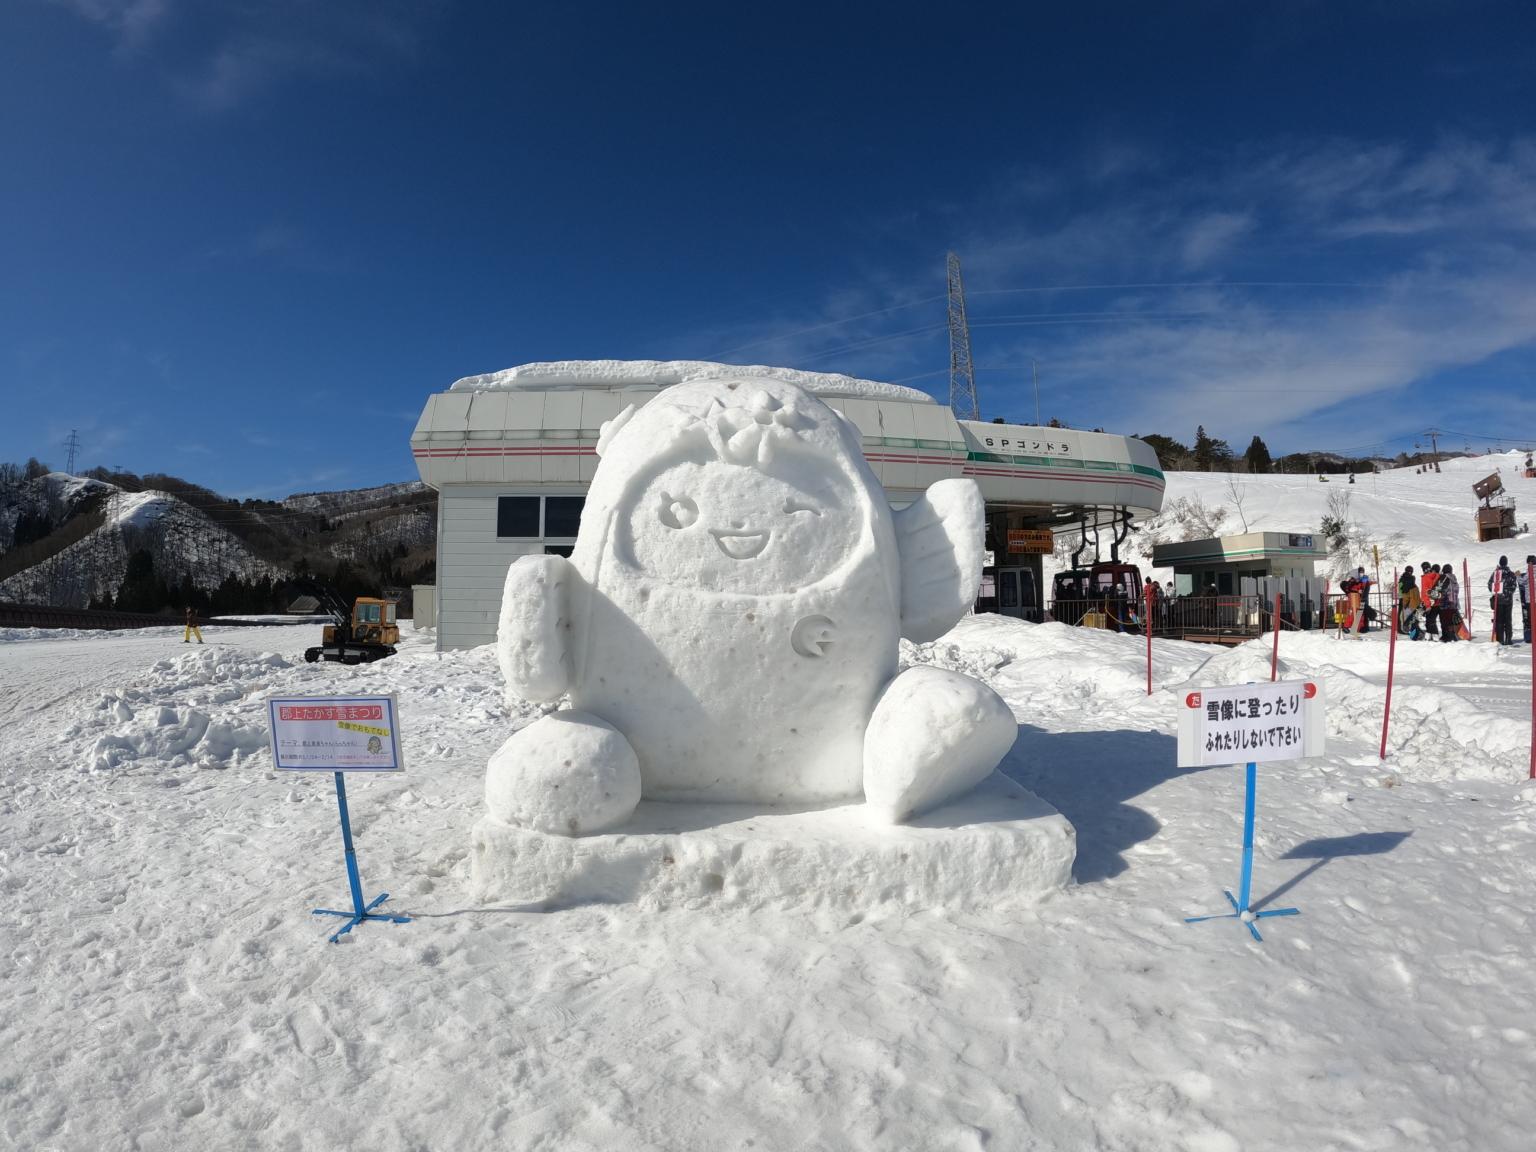 第20回郡上たかす雪まつりのアイキャッチ画像